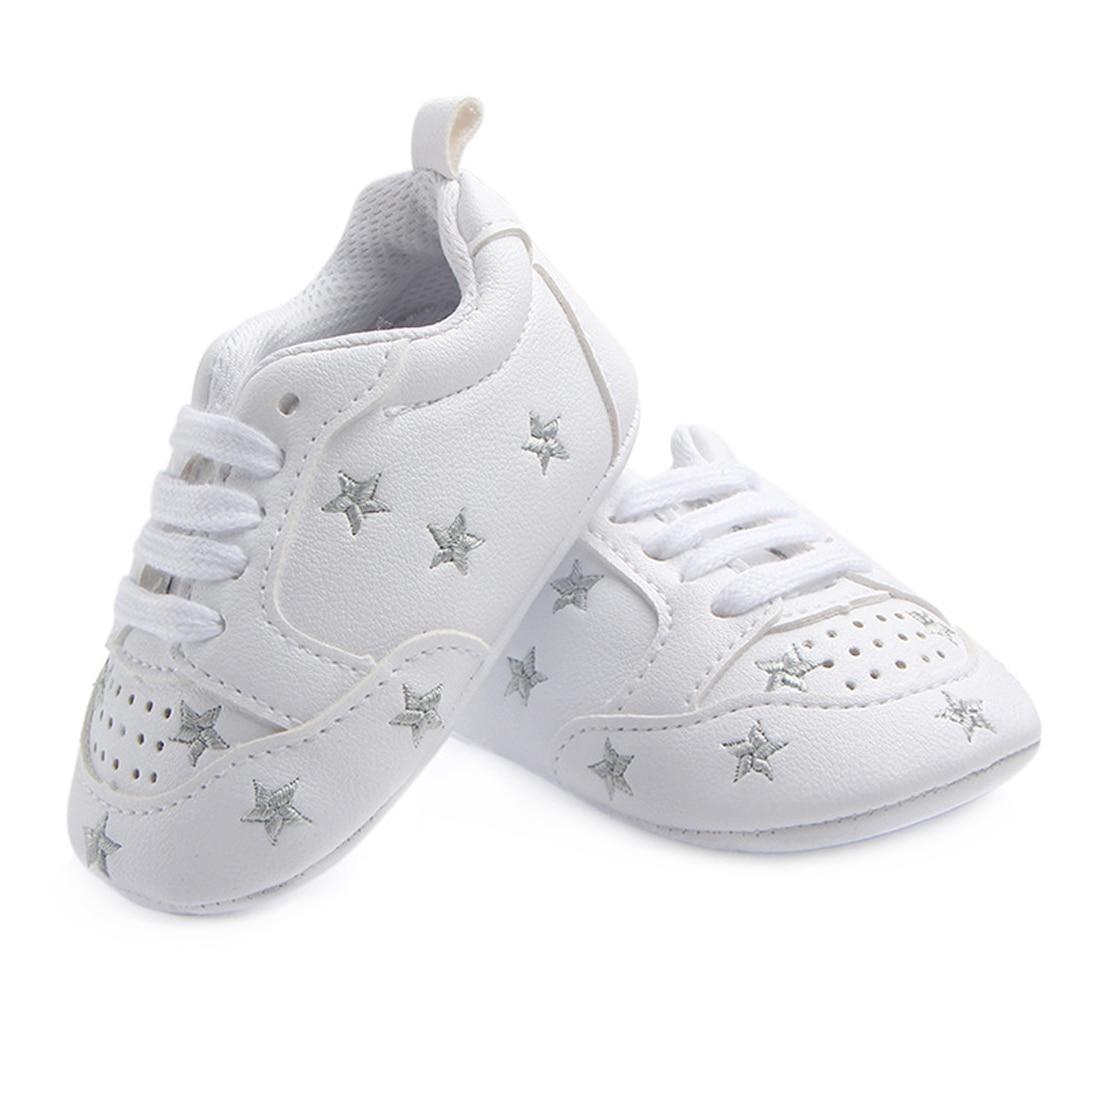 Baby Crib Shoes for Boys Miękka podeszwa PU Leather Mokasyny Girl - Buty dziecięce - Zdjęcie 2